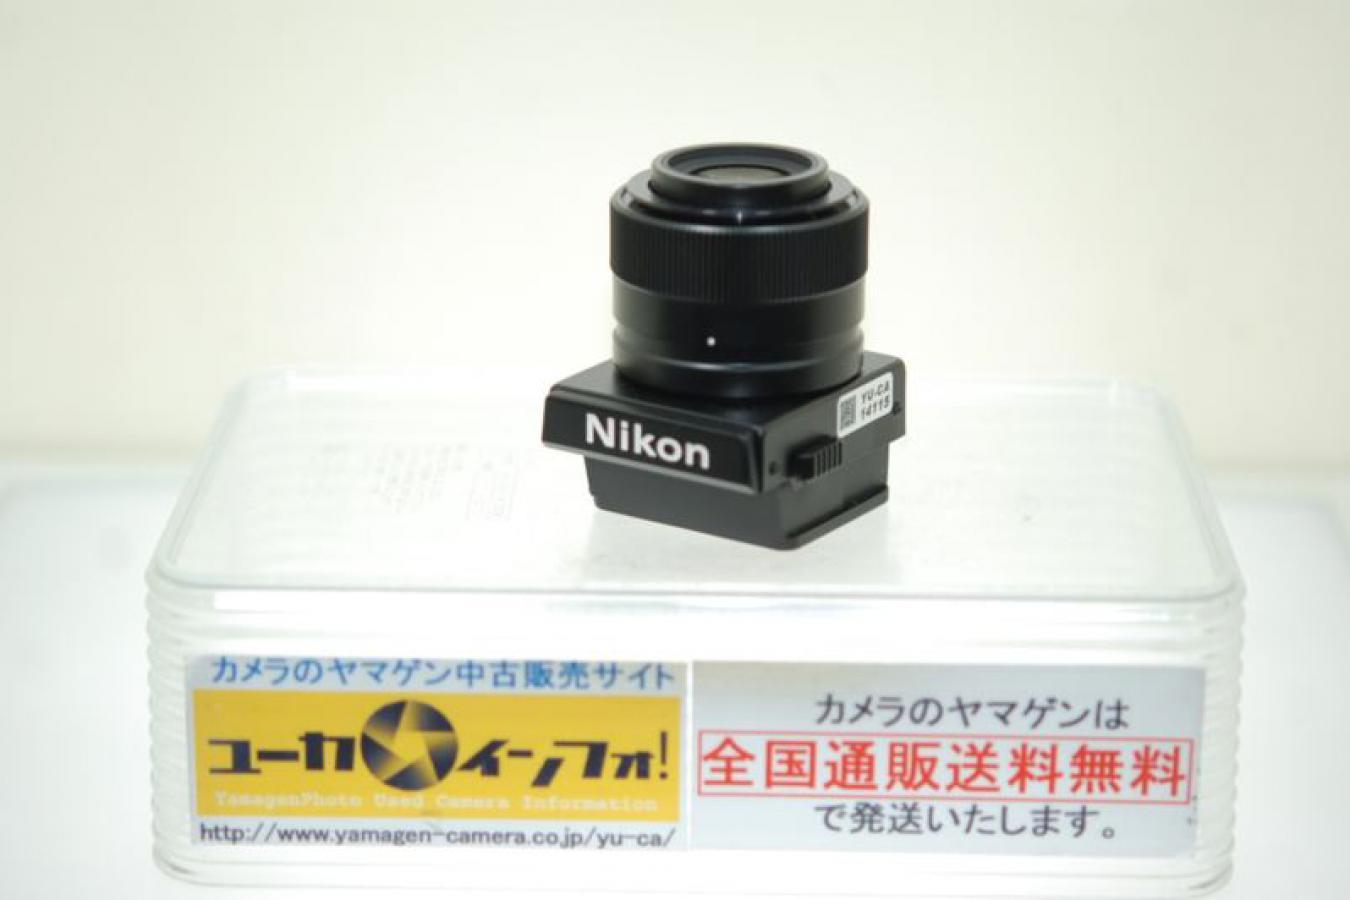 ニコン F3用高倍率ファインダーDW-4